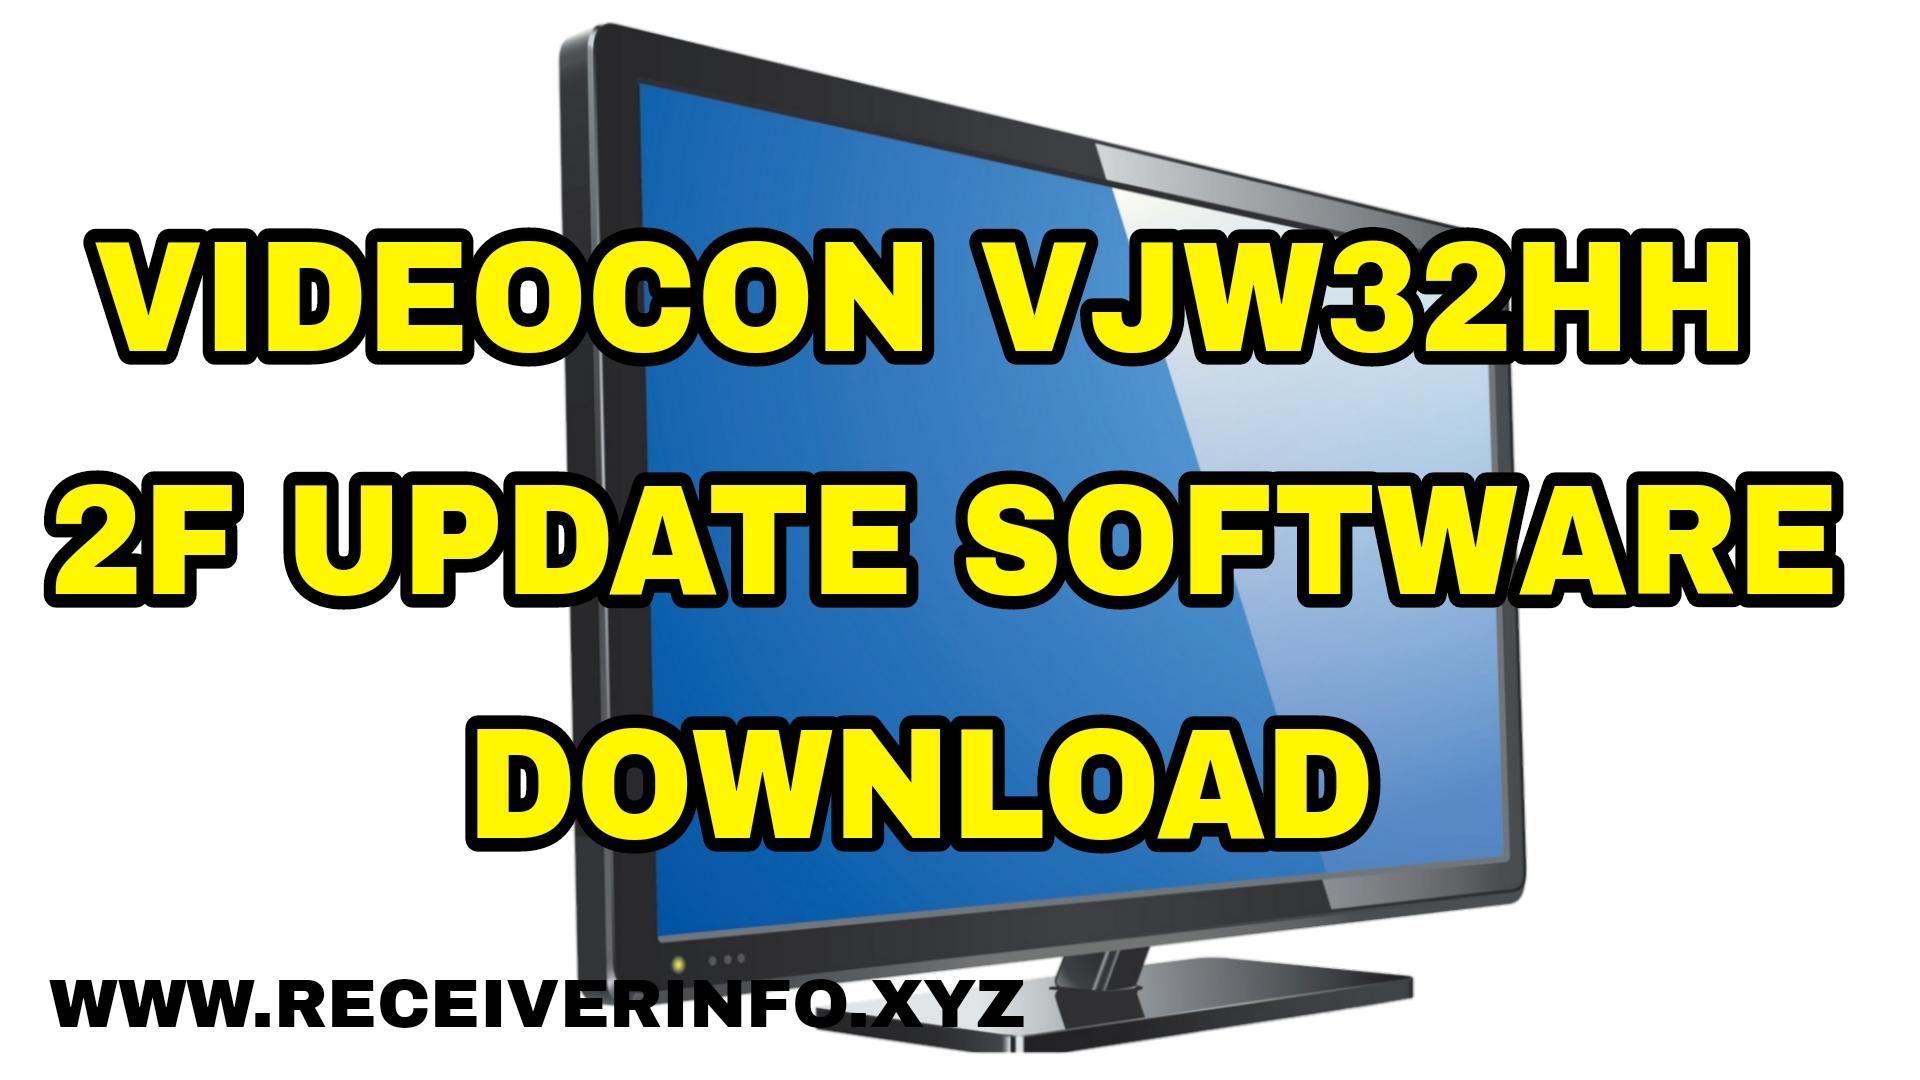 VIDEOCON VJW32HH 2F UPDATE NEW 2021 SOFTWARE DOWNLOAD